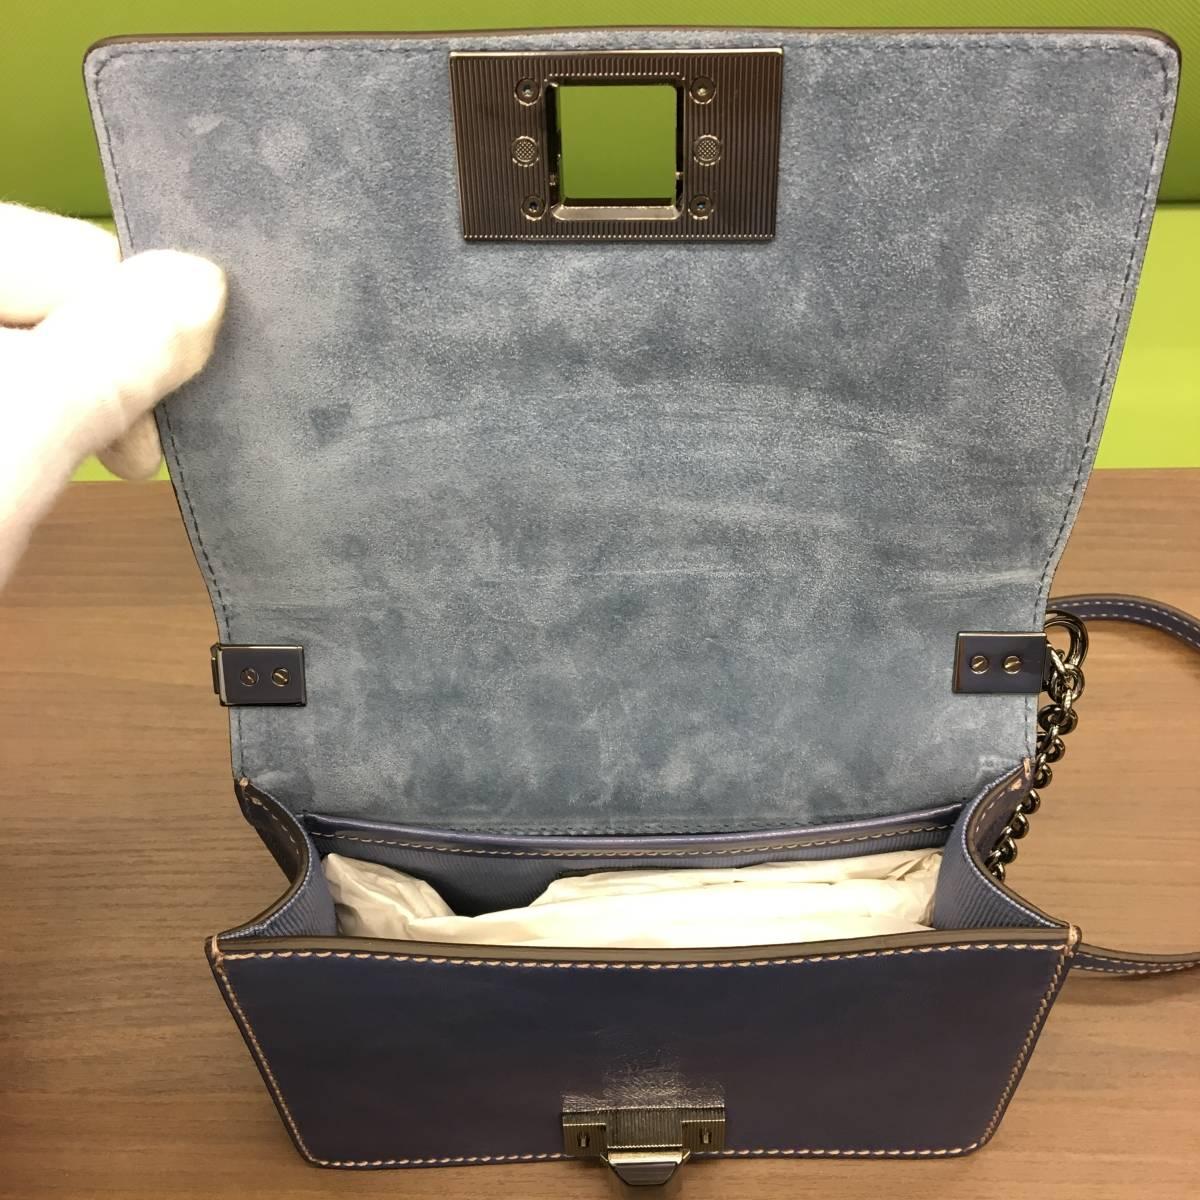 新品未使用 FURLA フルラ ショルダーバッグ 保存袋付き_画像7